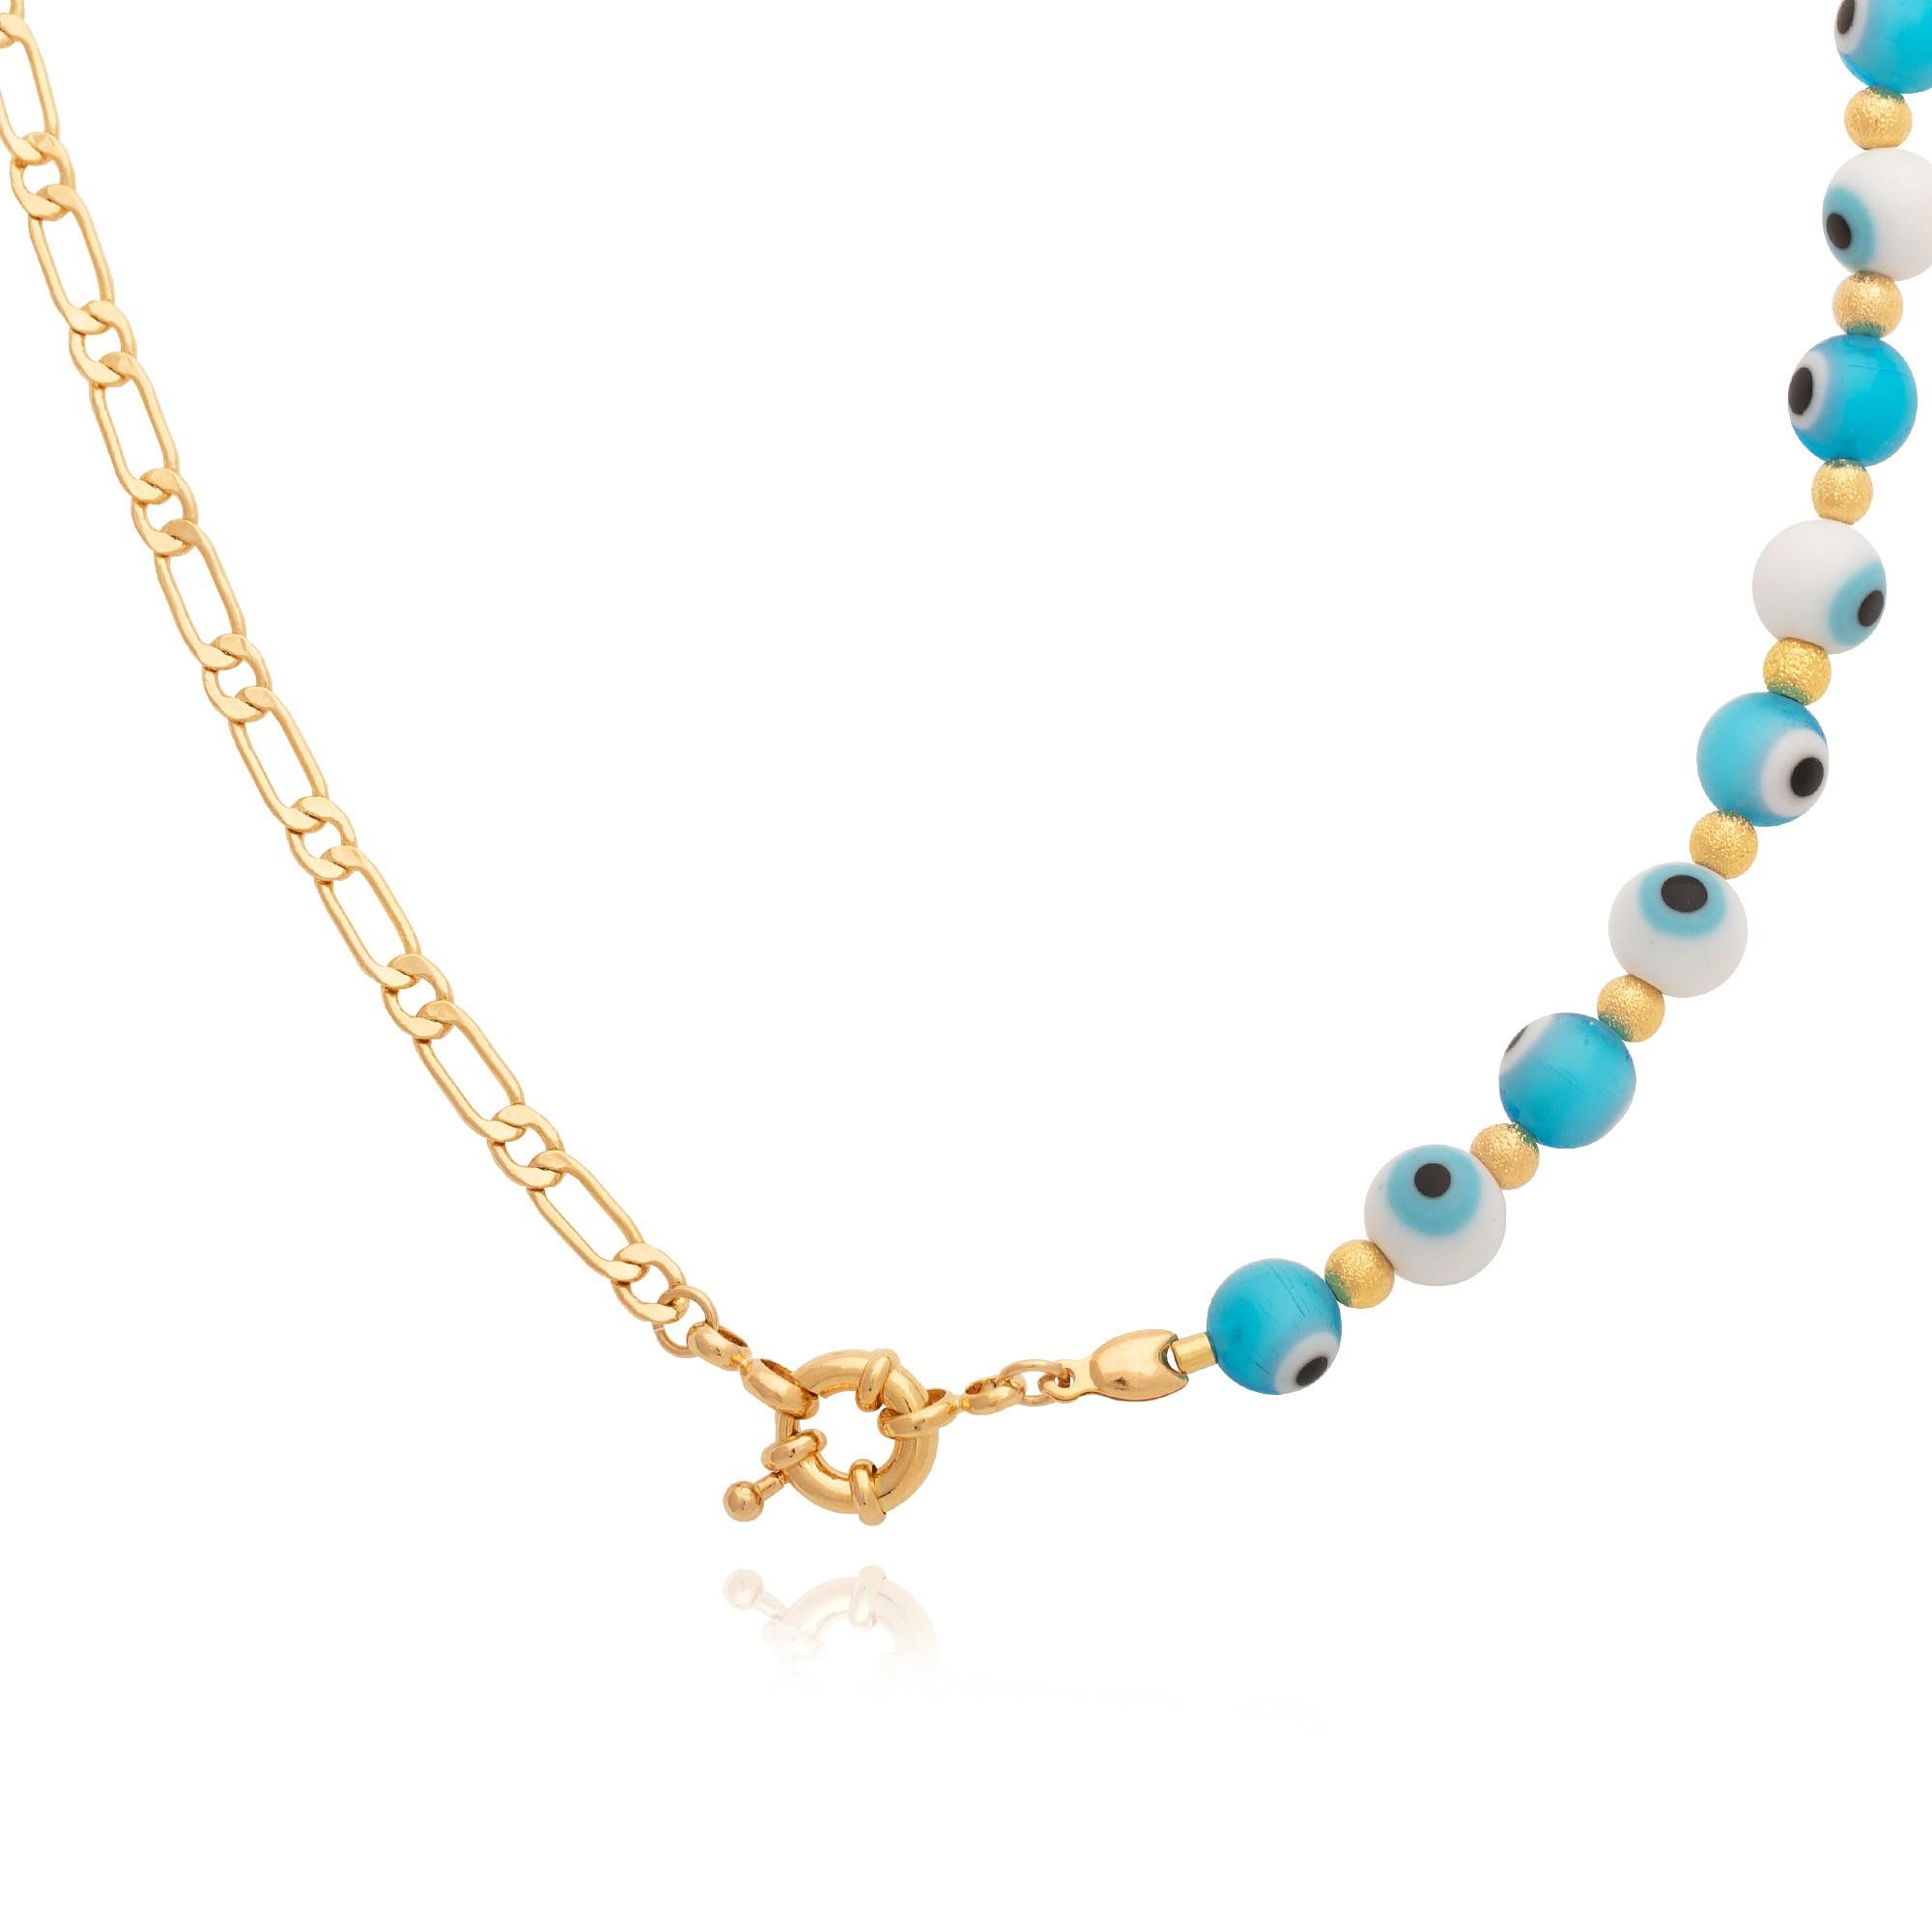 Colar olho grego azul claro com corrente banhado á ouro 18k.  - bfdecor.com.br